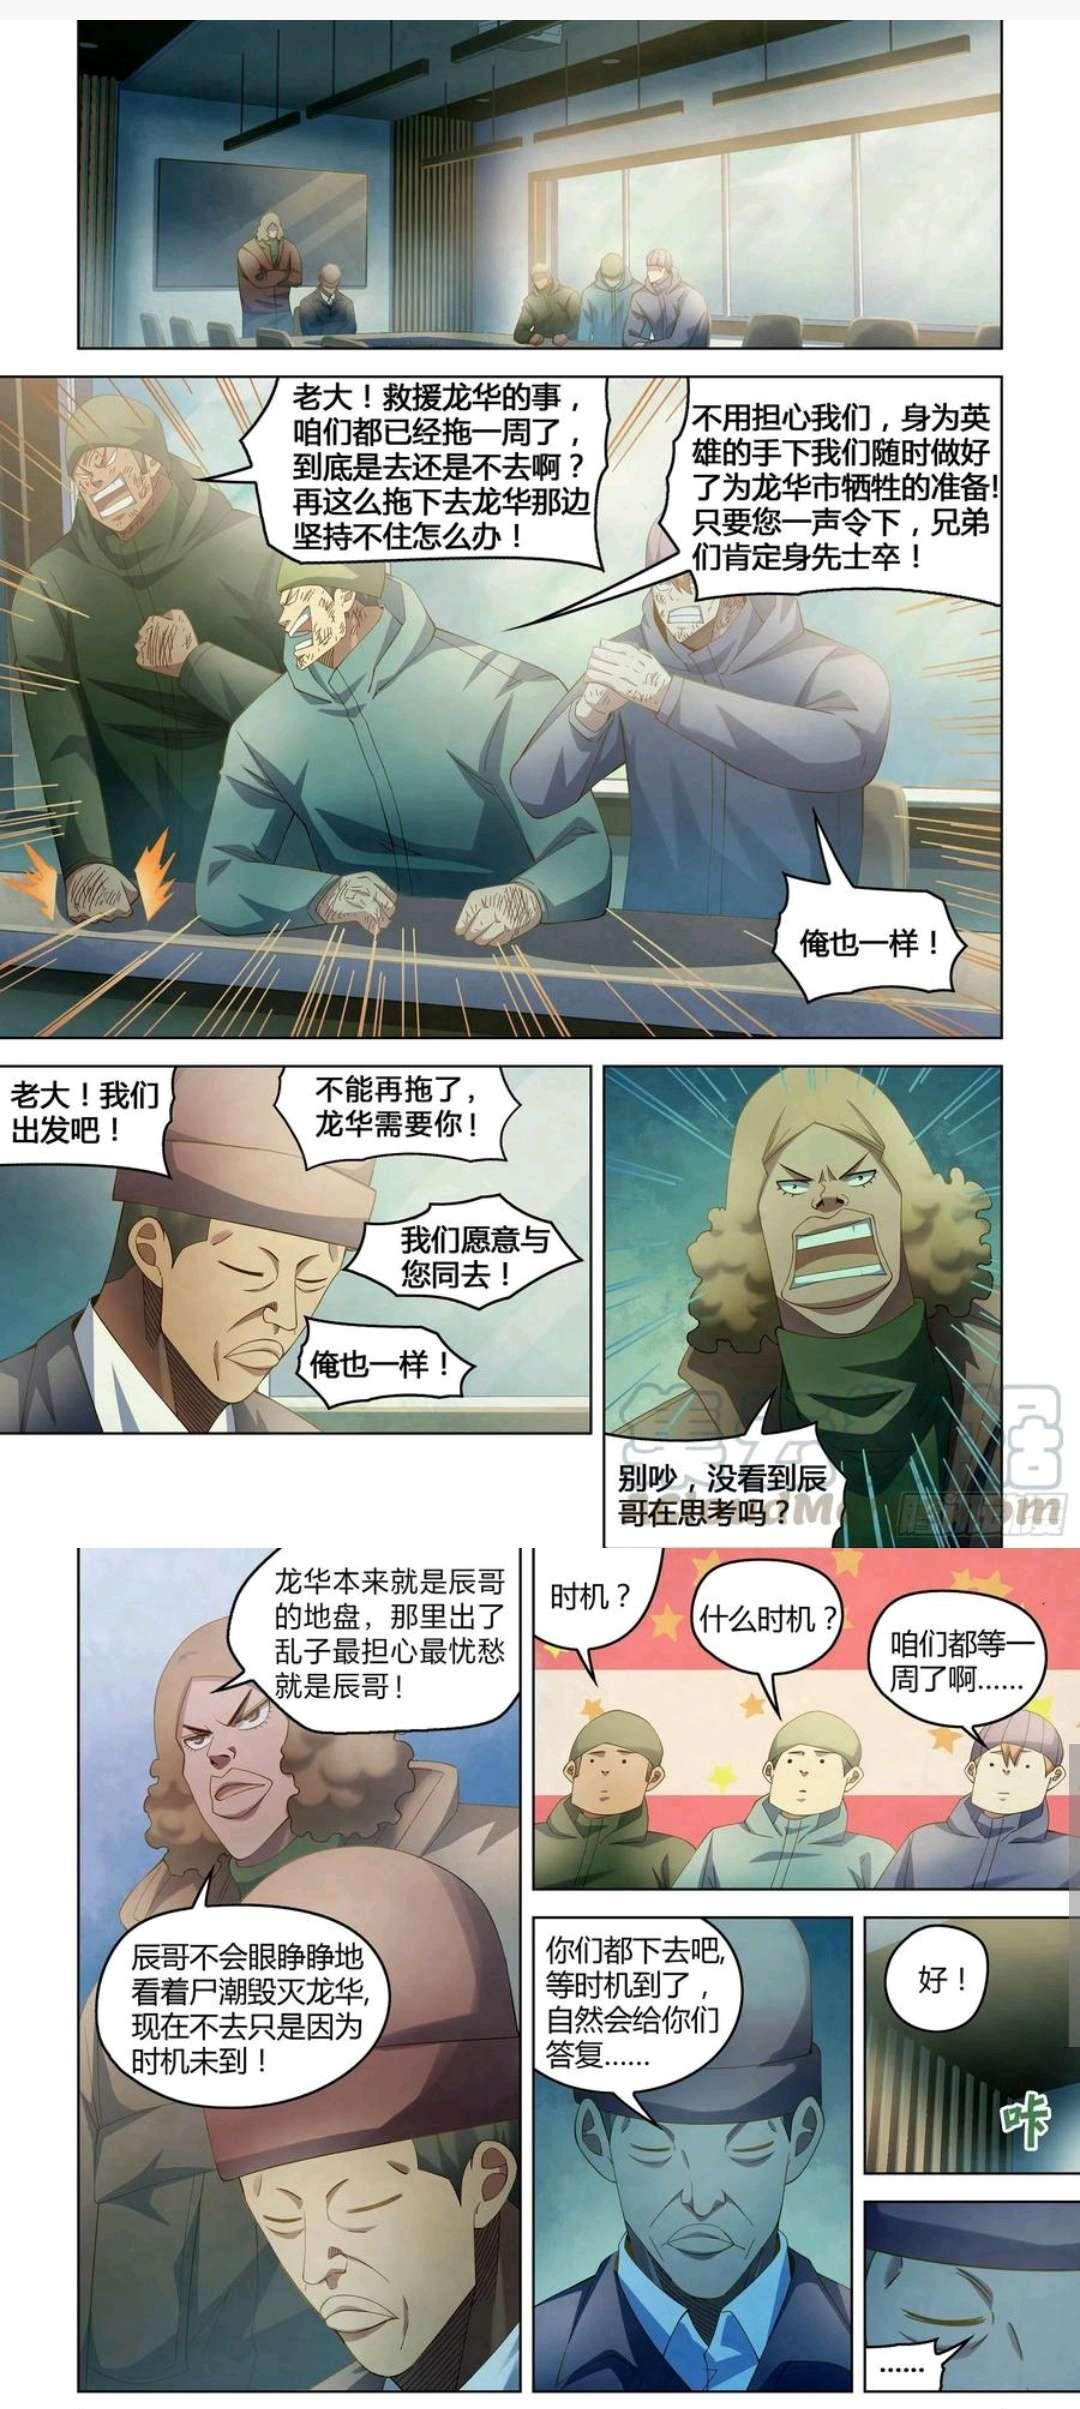 【漫画更新】末世凡人 328话-小柚妹站